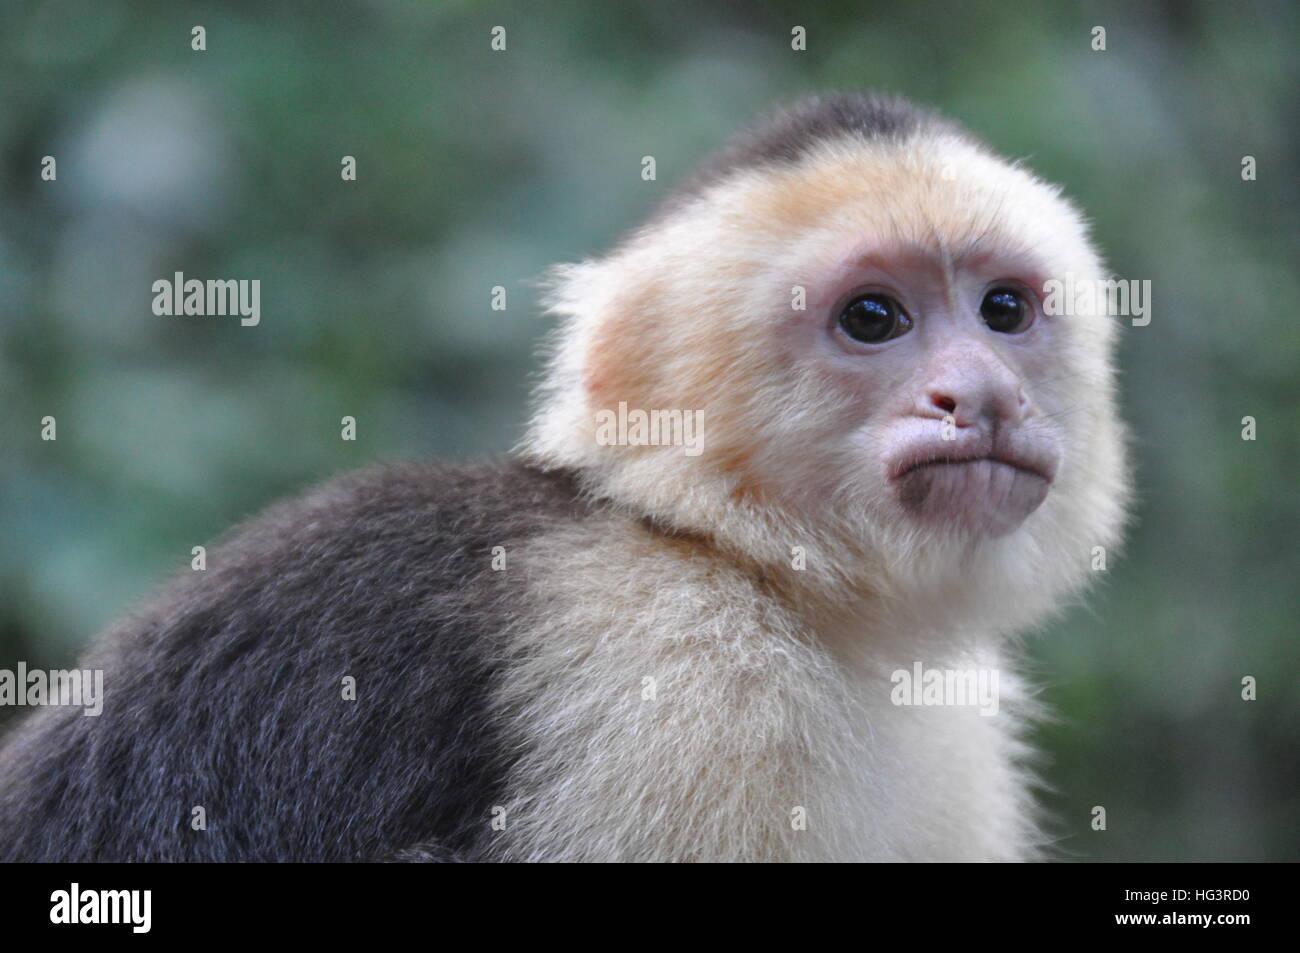 Monkey - Stock Image